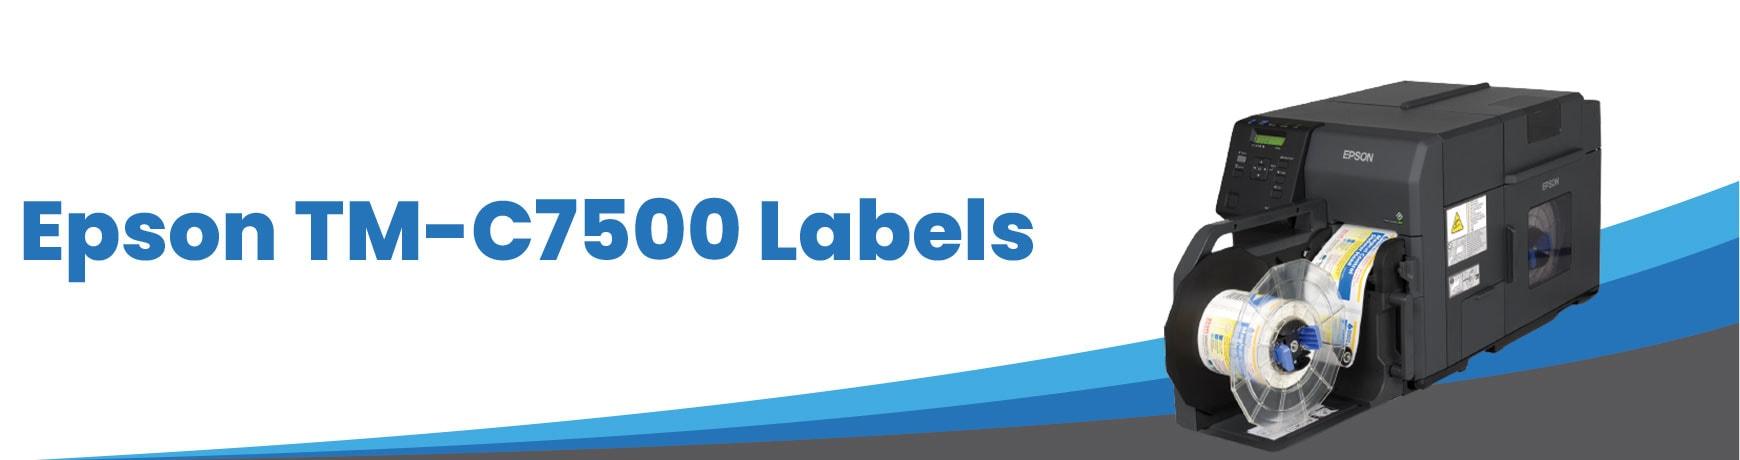 Epson TM-C7500 Labels